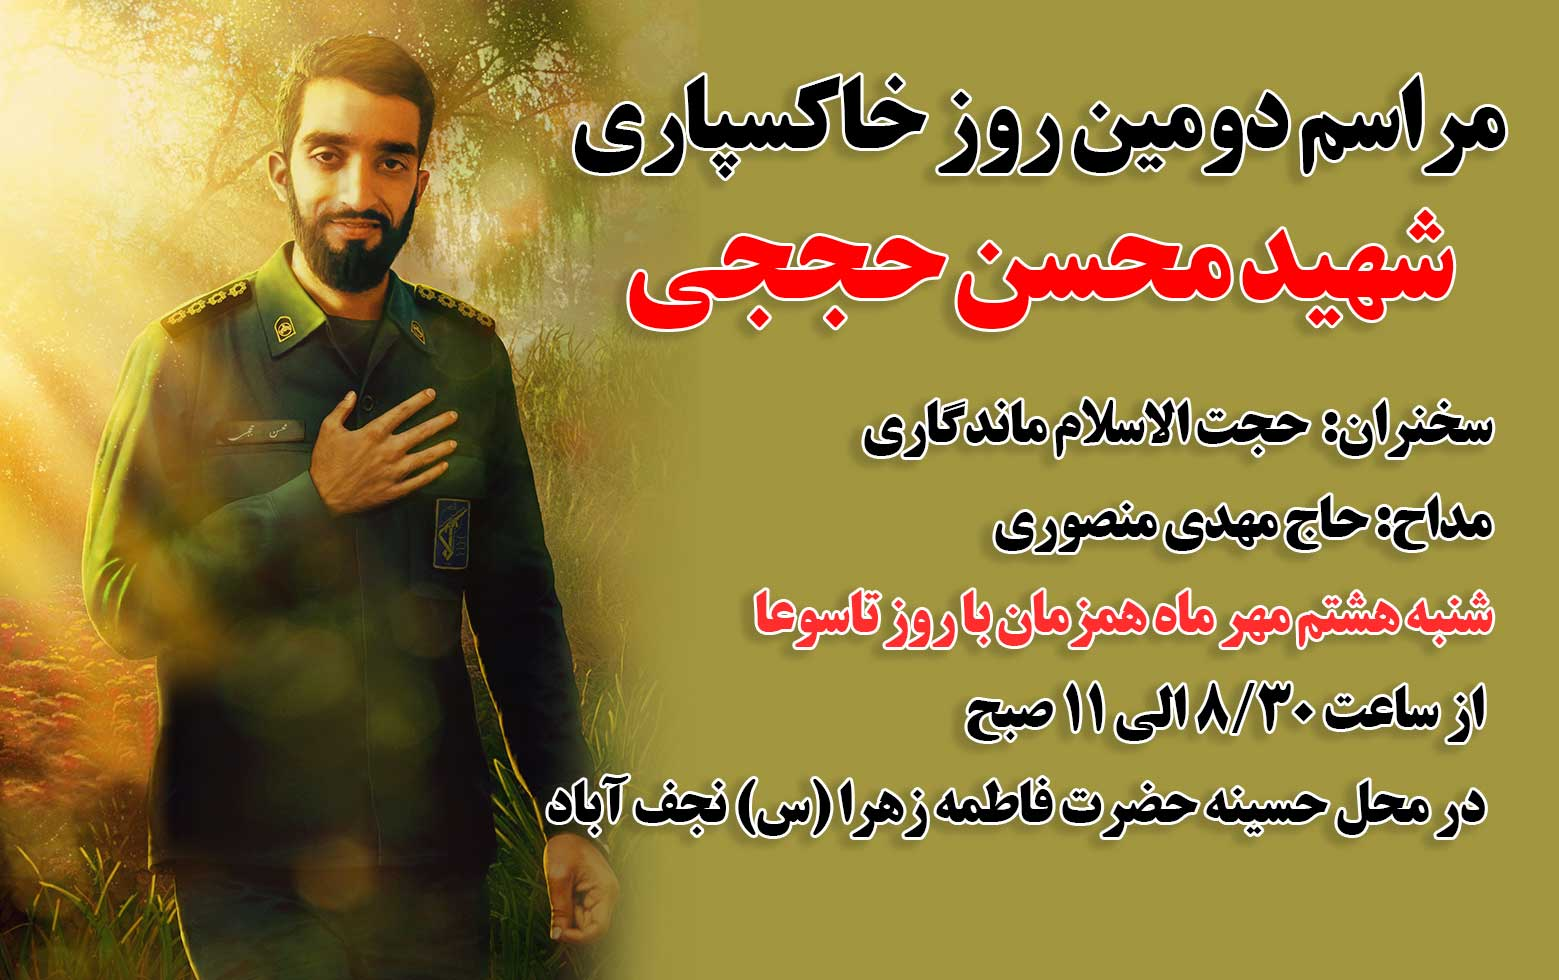 اعلام برنامه های دومین روز خاکسپاری شهید حججی اعلام برنامه های دومین روز خاکسپاری شهید حججی اعلام برنامه های دومین روز خاکسپاری شهید حججی